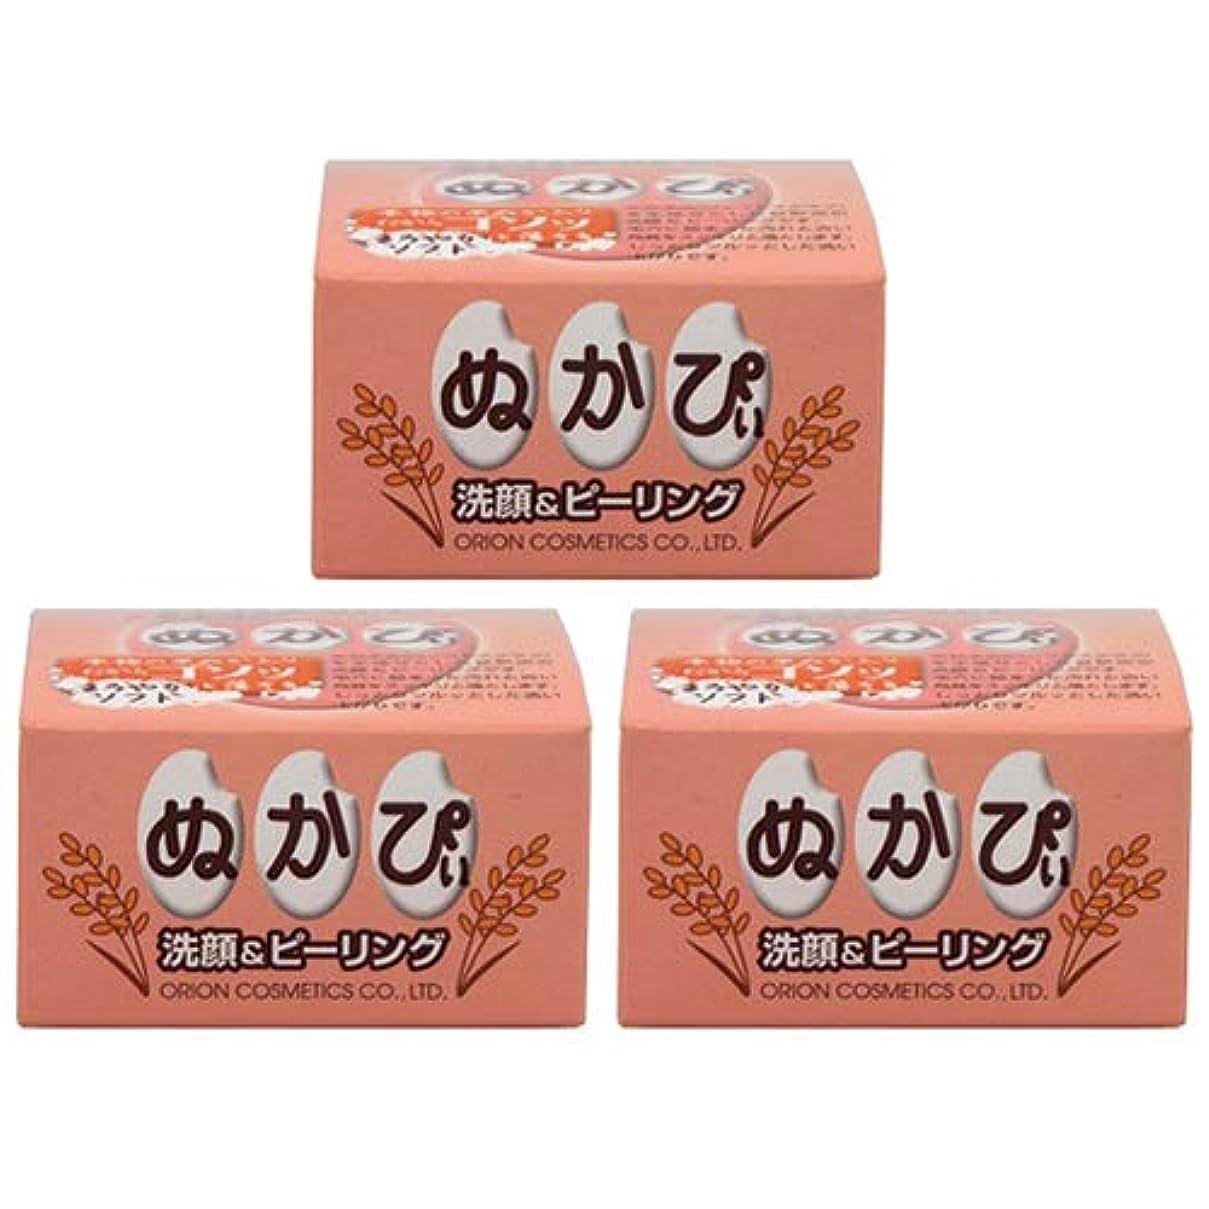 使役溶けるセットアップ米ぬか洗顔料 ぬかぴぃ (まろやかソフト) 50g×3個セット